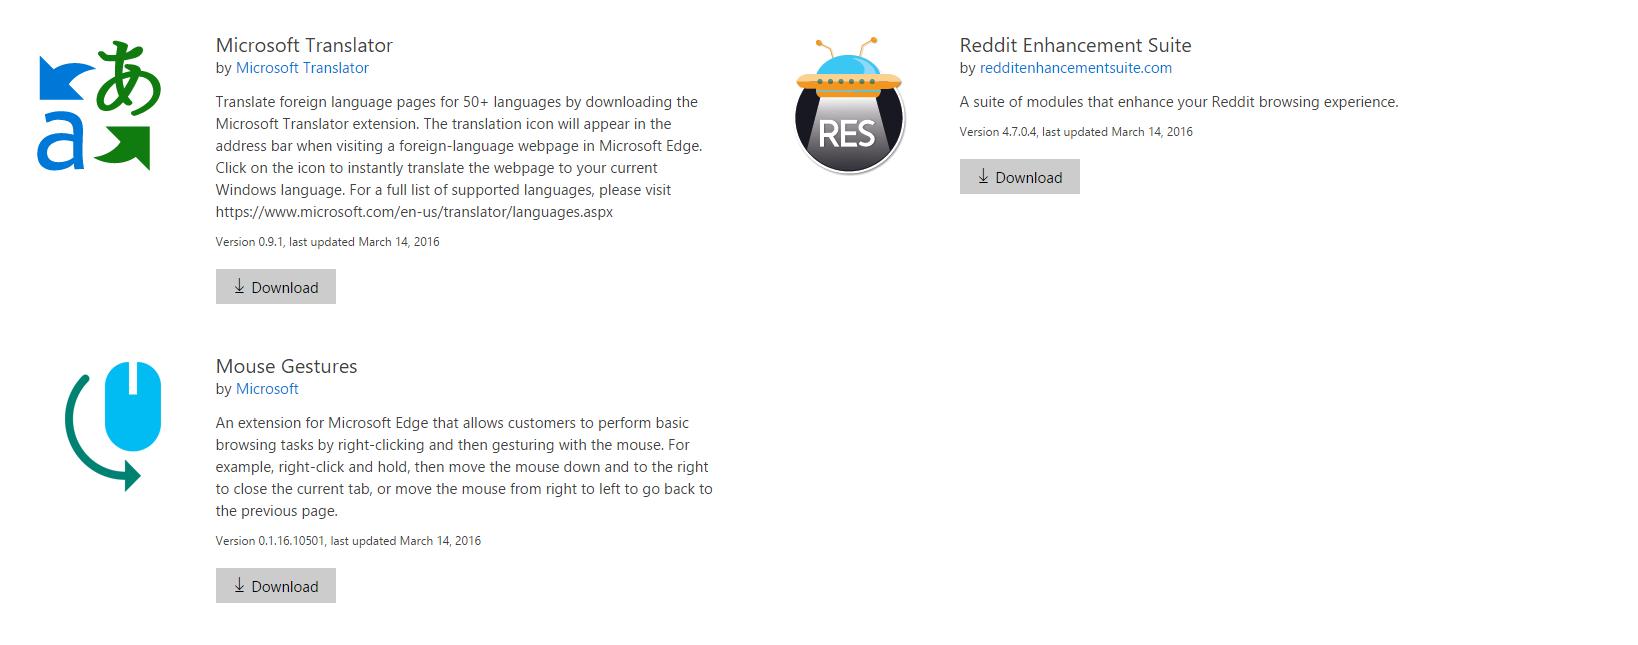 Fur Den Browser Verstecktes Wiki Reddit | studinemul ml